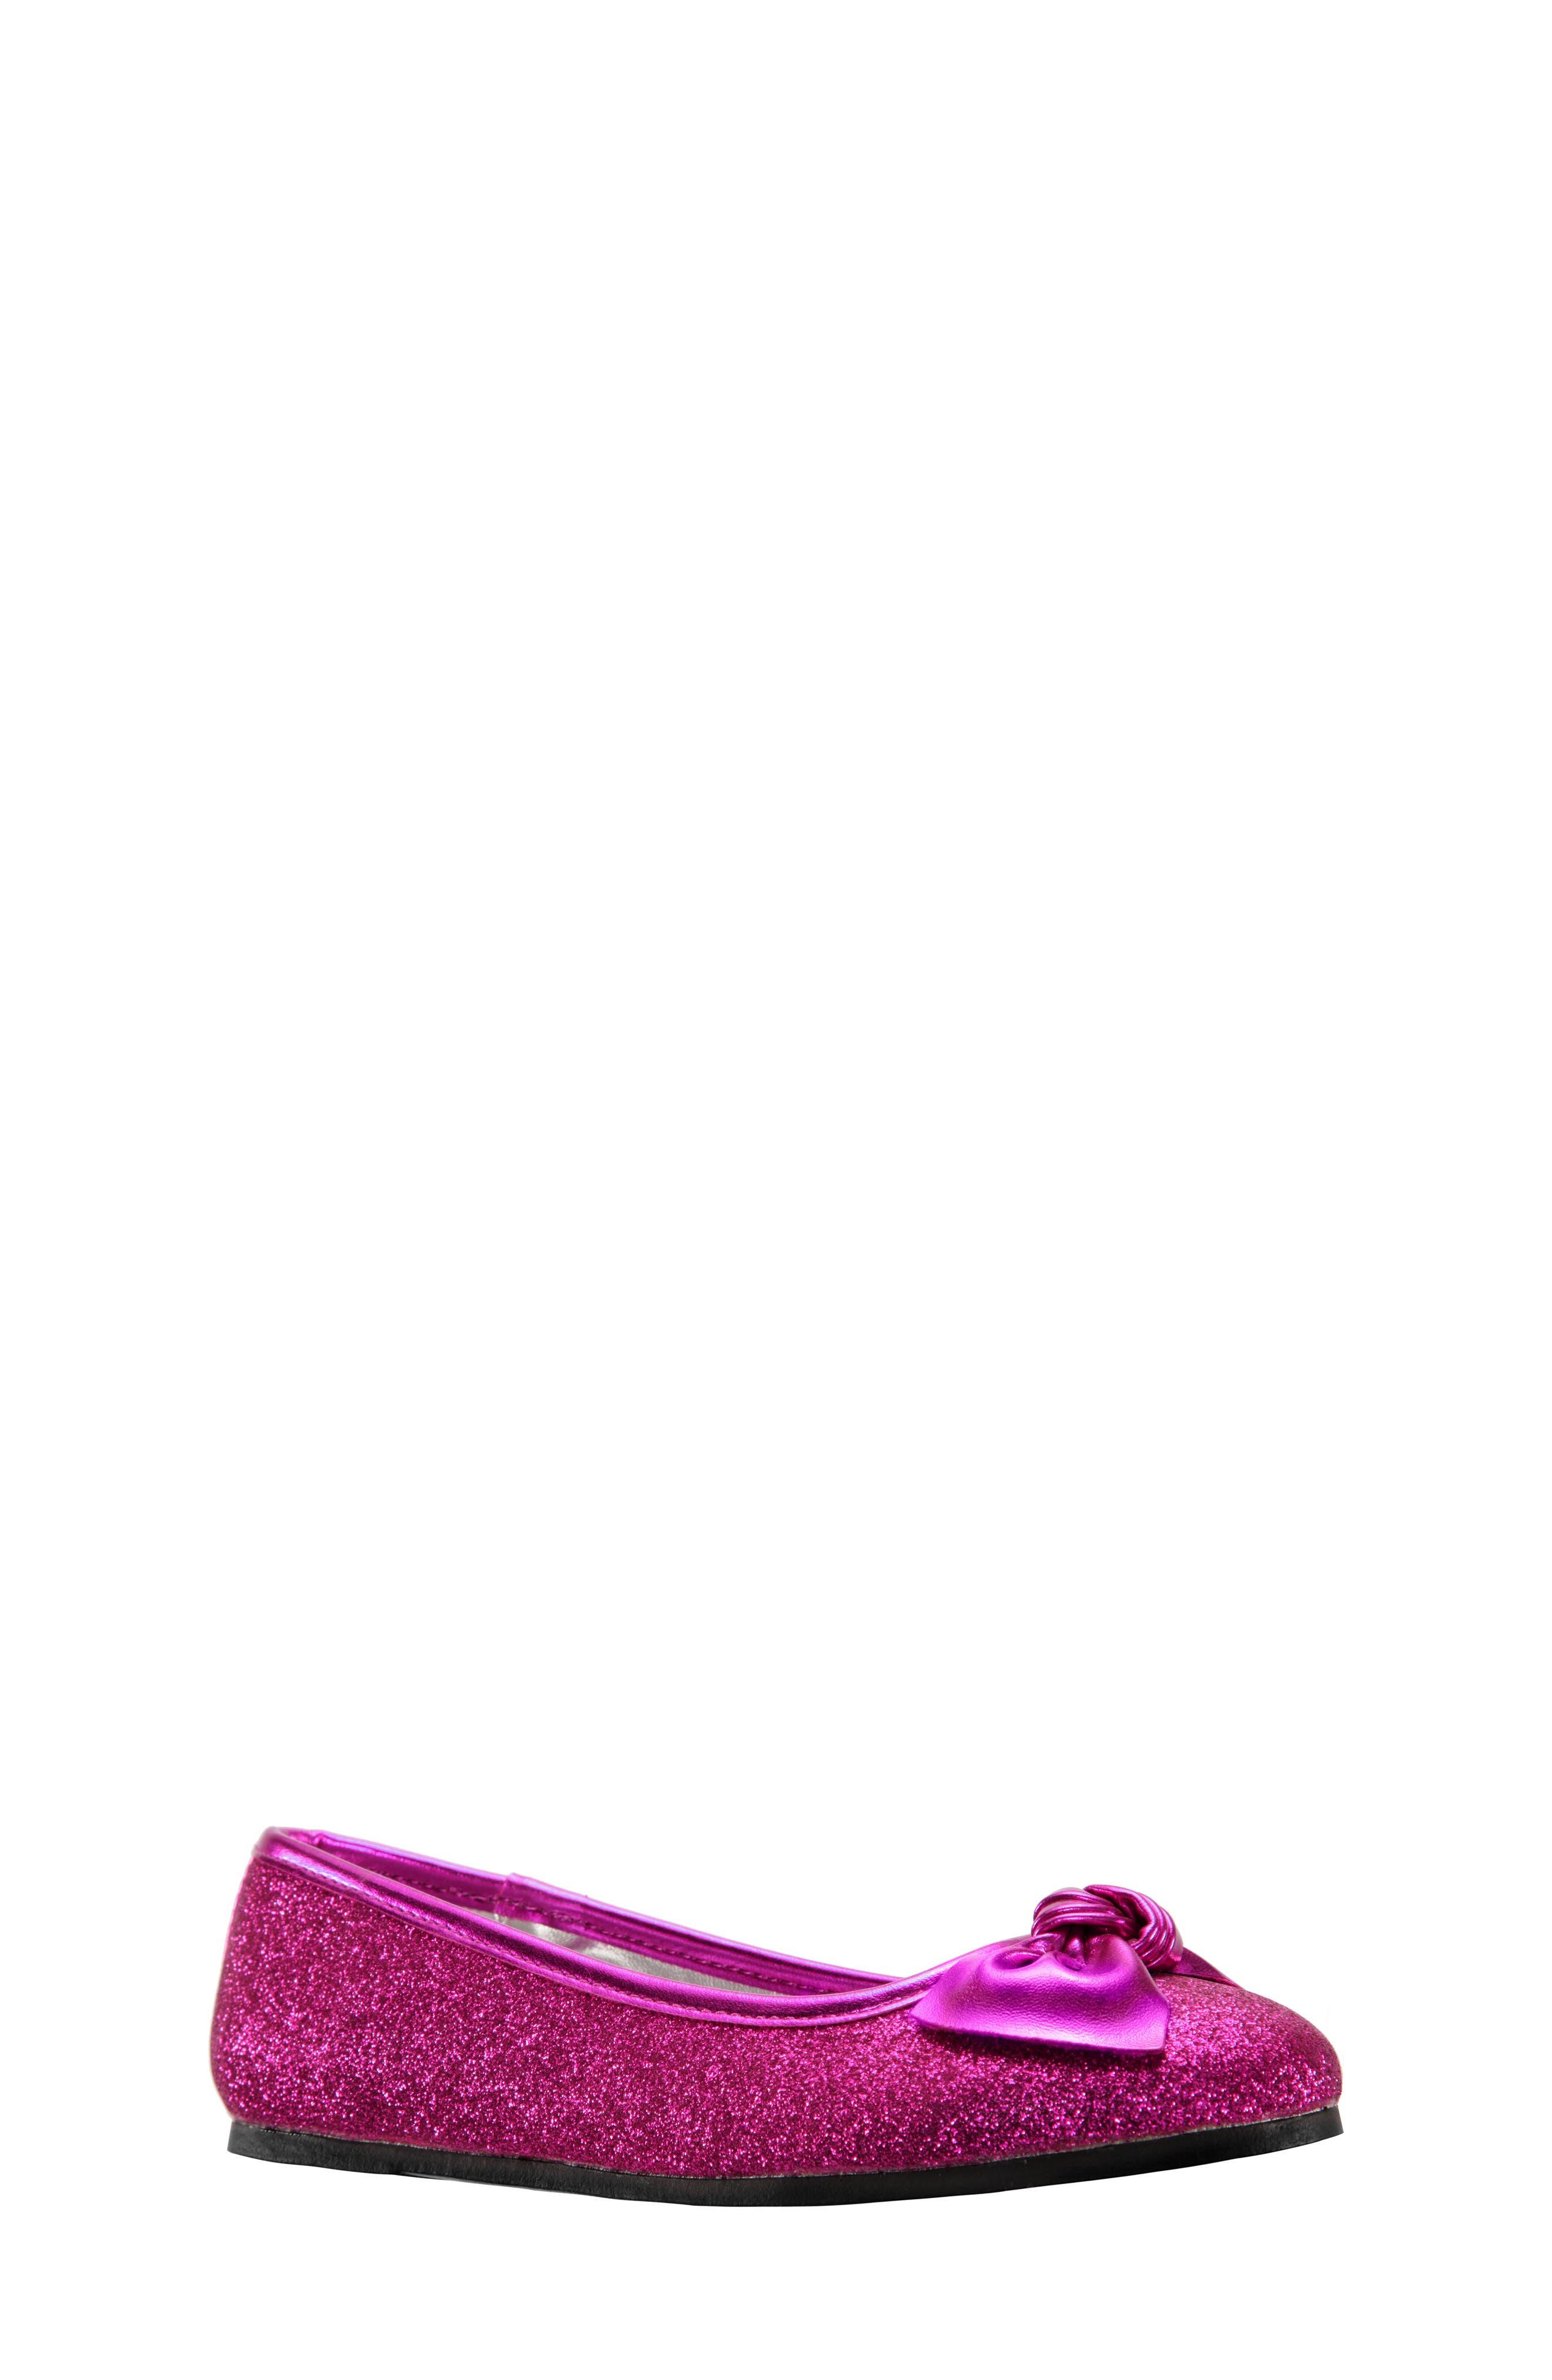 Larabeth Glitter Ballet Flat,                         Main,                         color, Berry Metallic/ Glitter